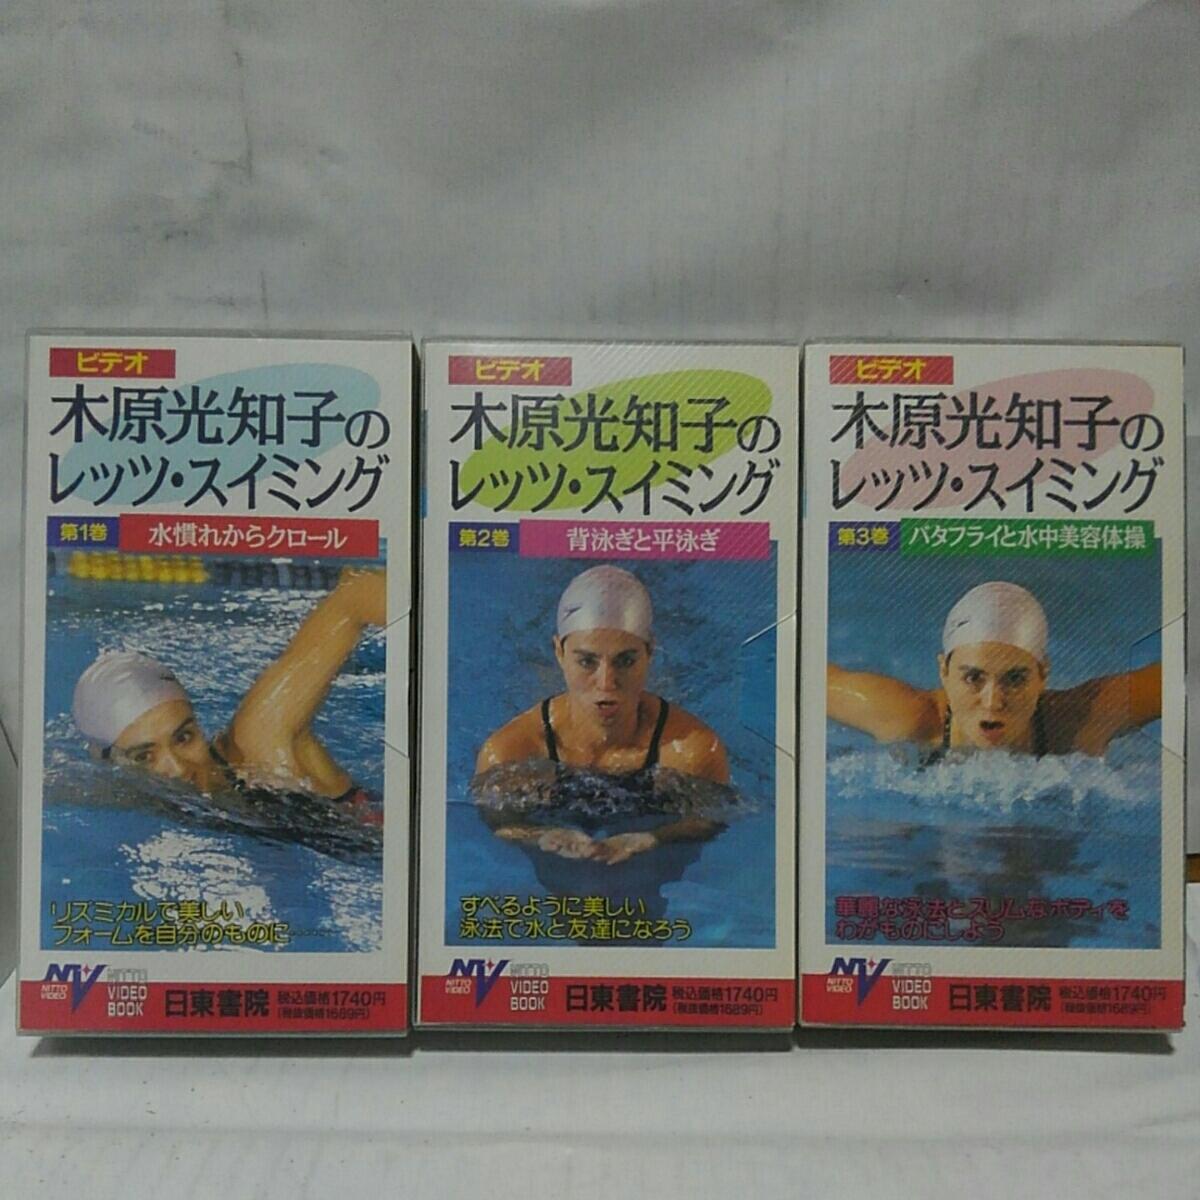 VHSビデオ3本セット 木原光知子のレッツ・スイミング クロール背泳ぎ バタフライ 水中美容体操 ハウツー物 訳あり品